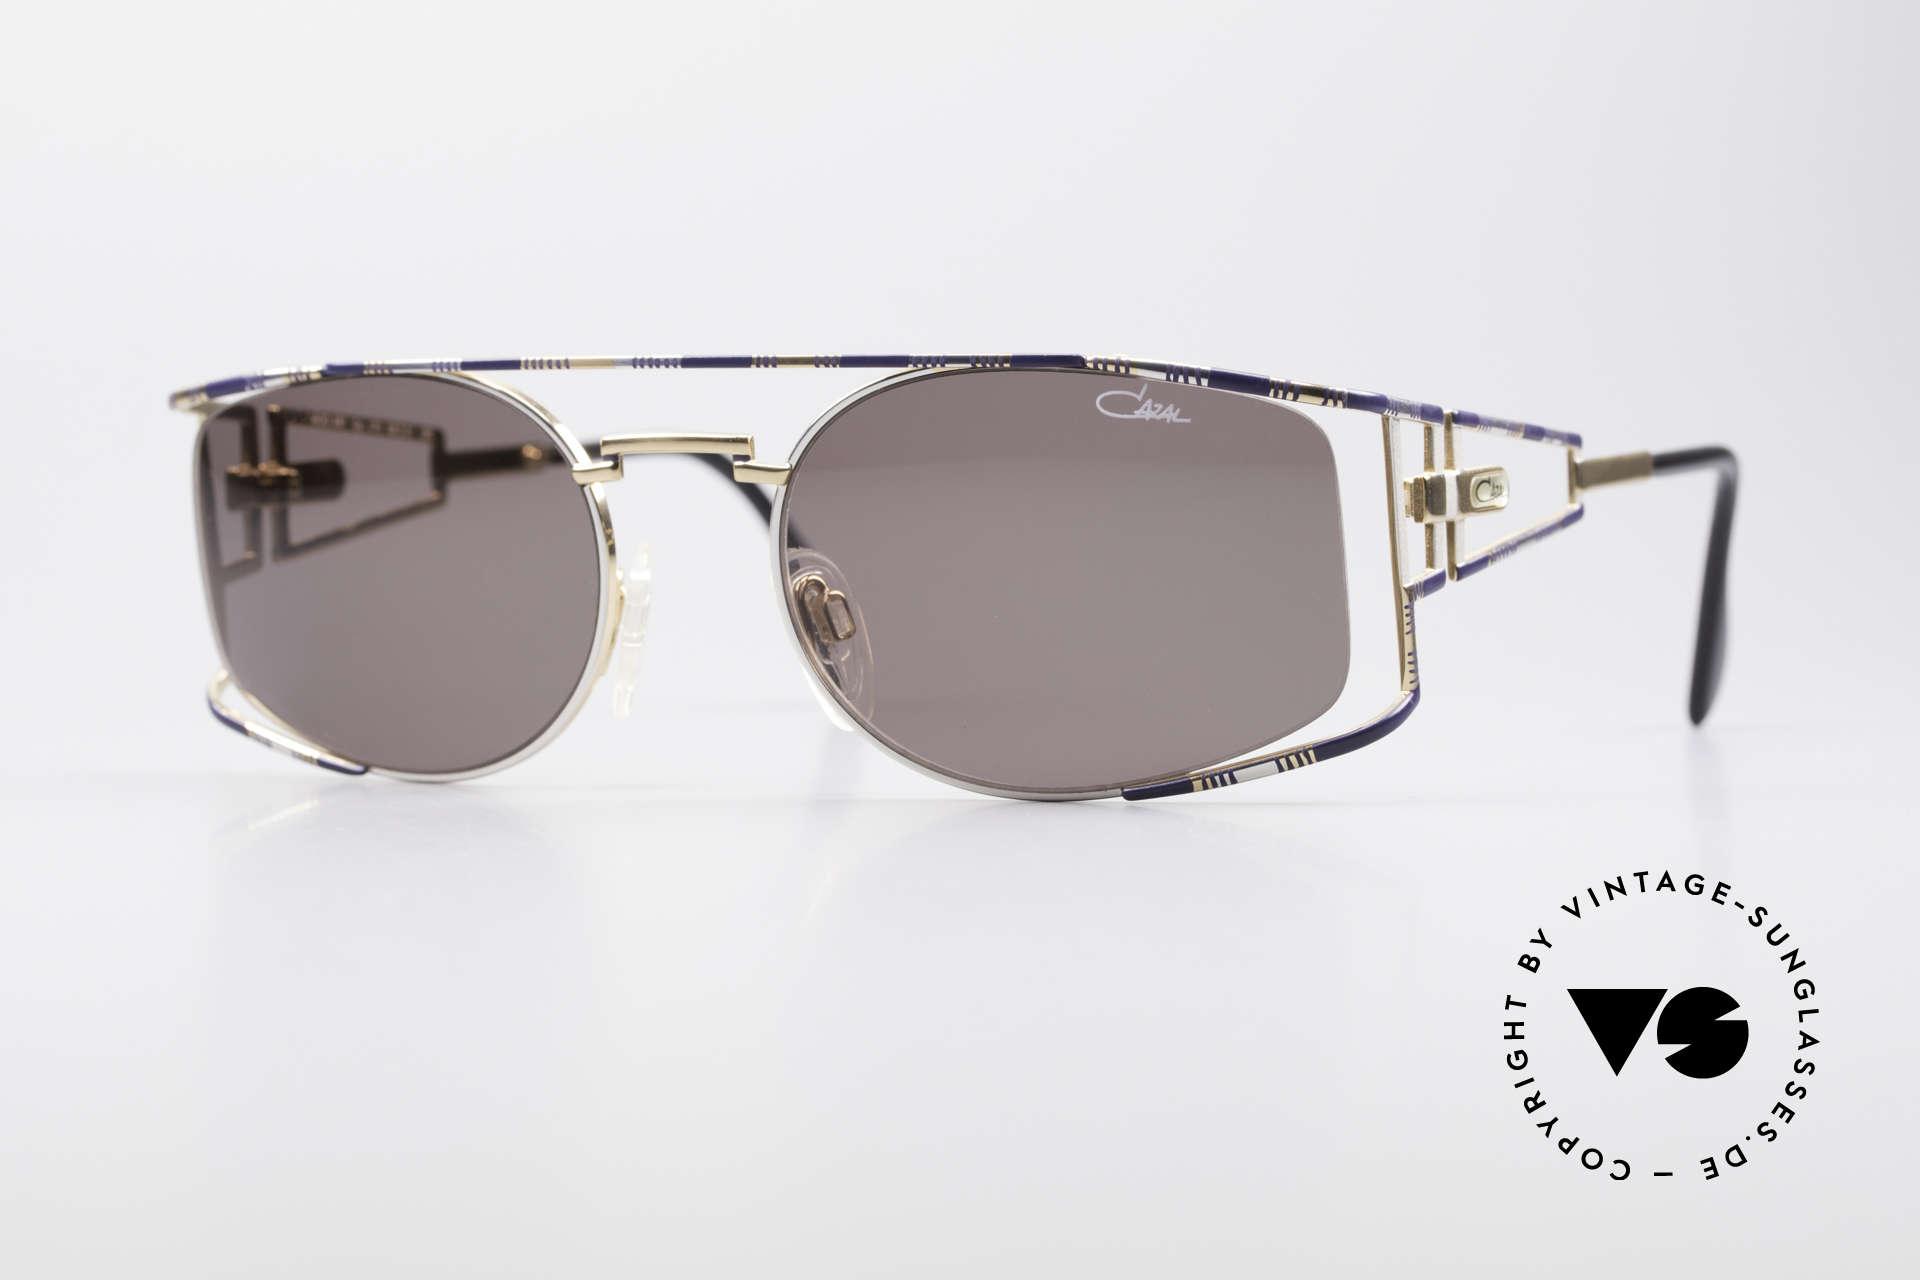 Cazal 967 Vintage Markensonnenbrille, edle CAZAL Designer-Sonnenbrille der frühen 1990er, Passend für Herren und Damen